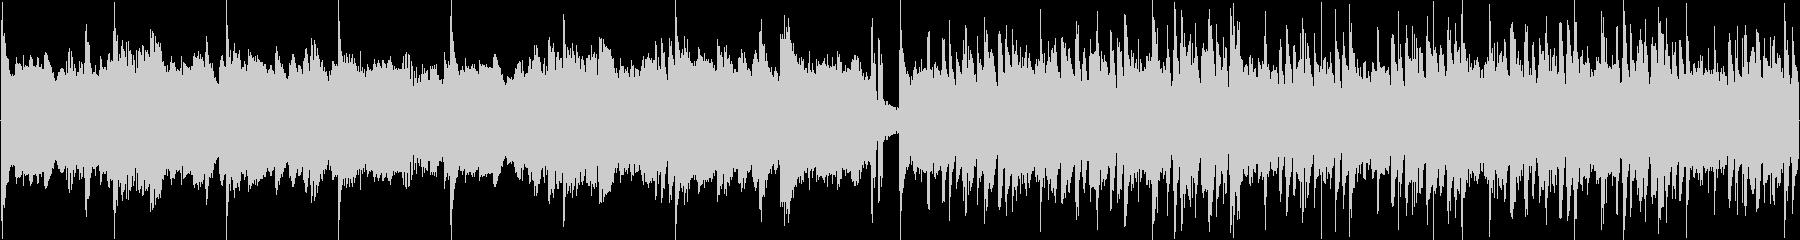 神秘的、幻想的なピアノBGMの未再生の波形